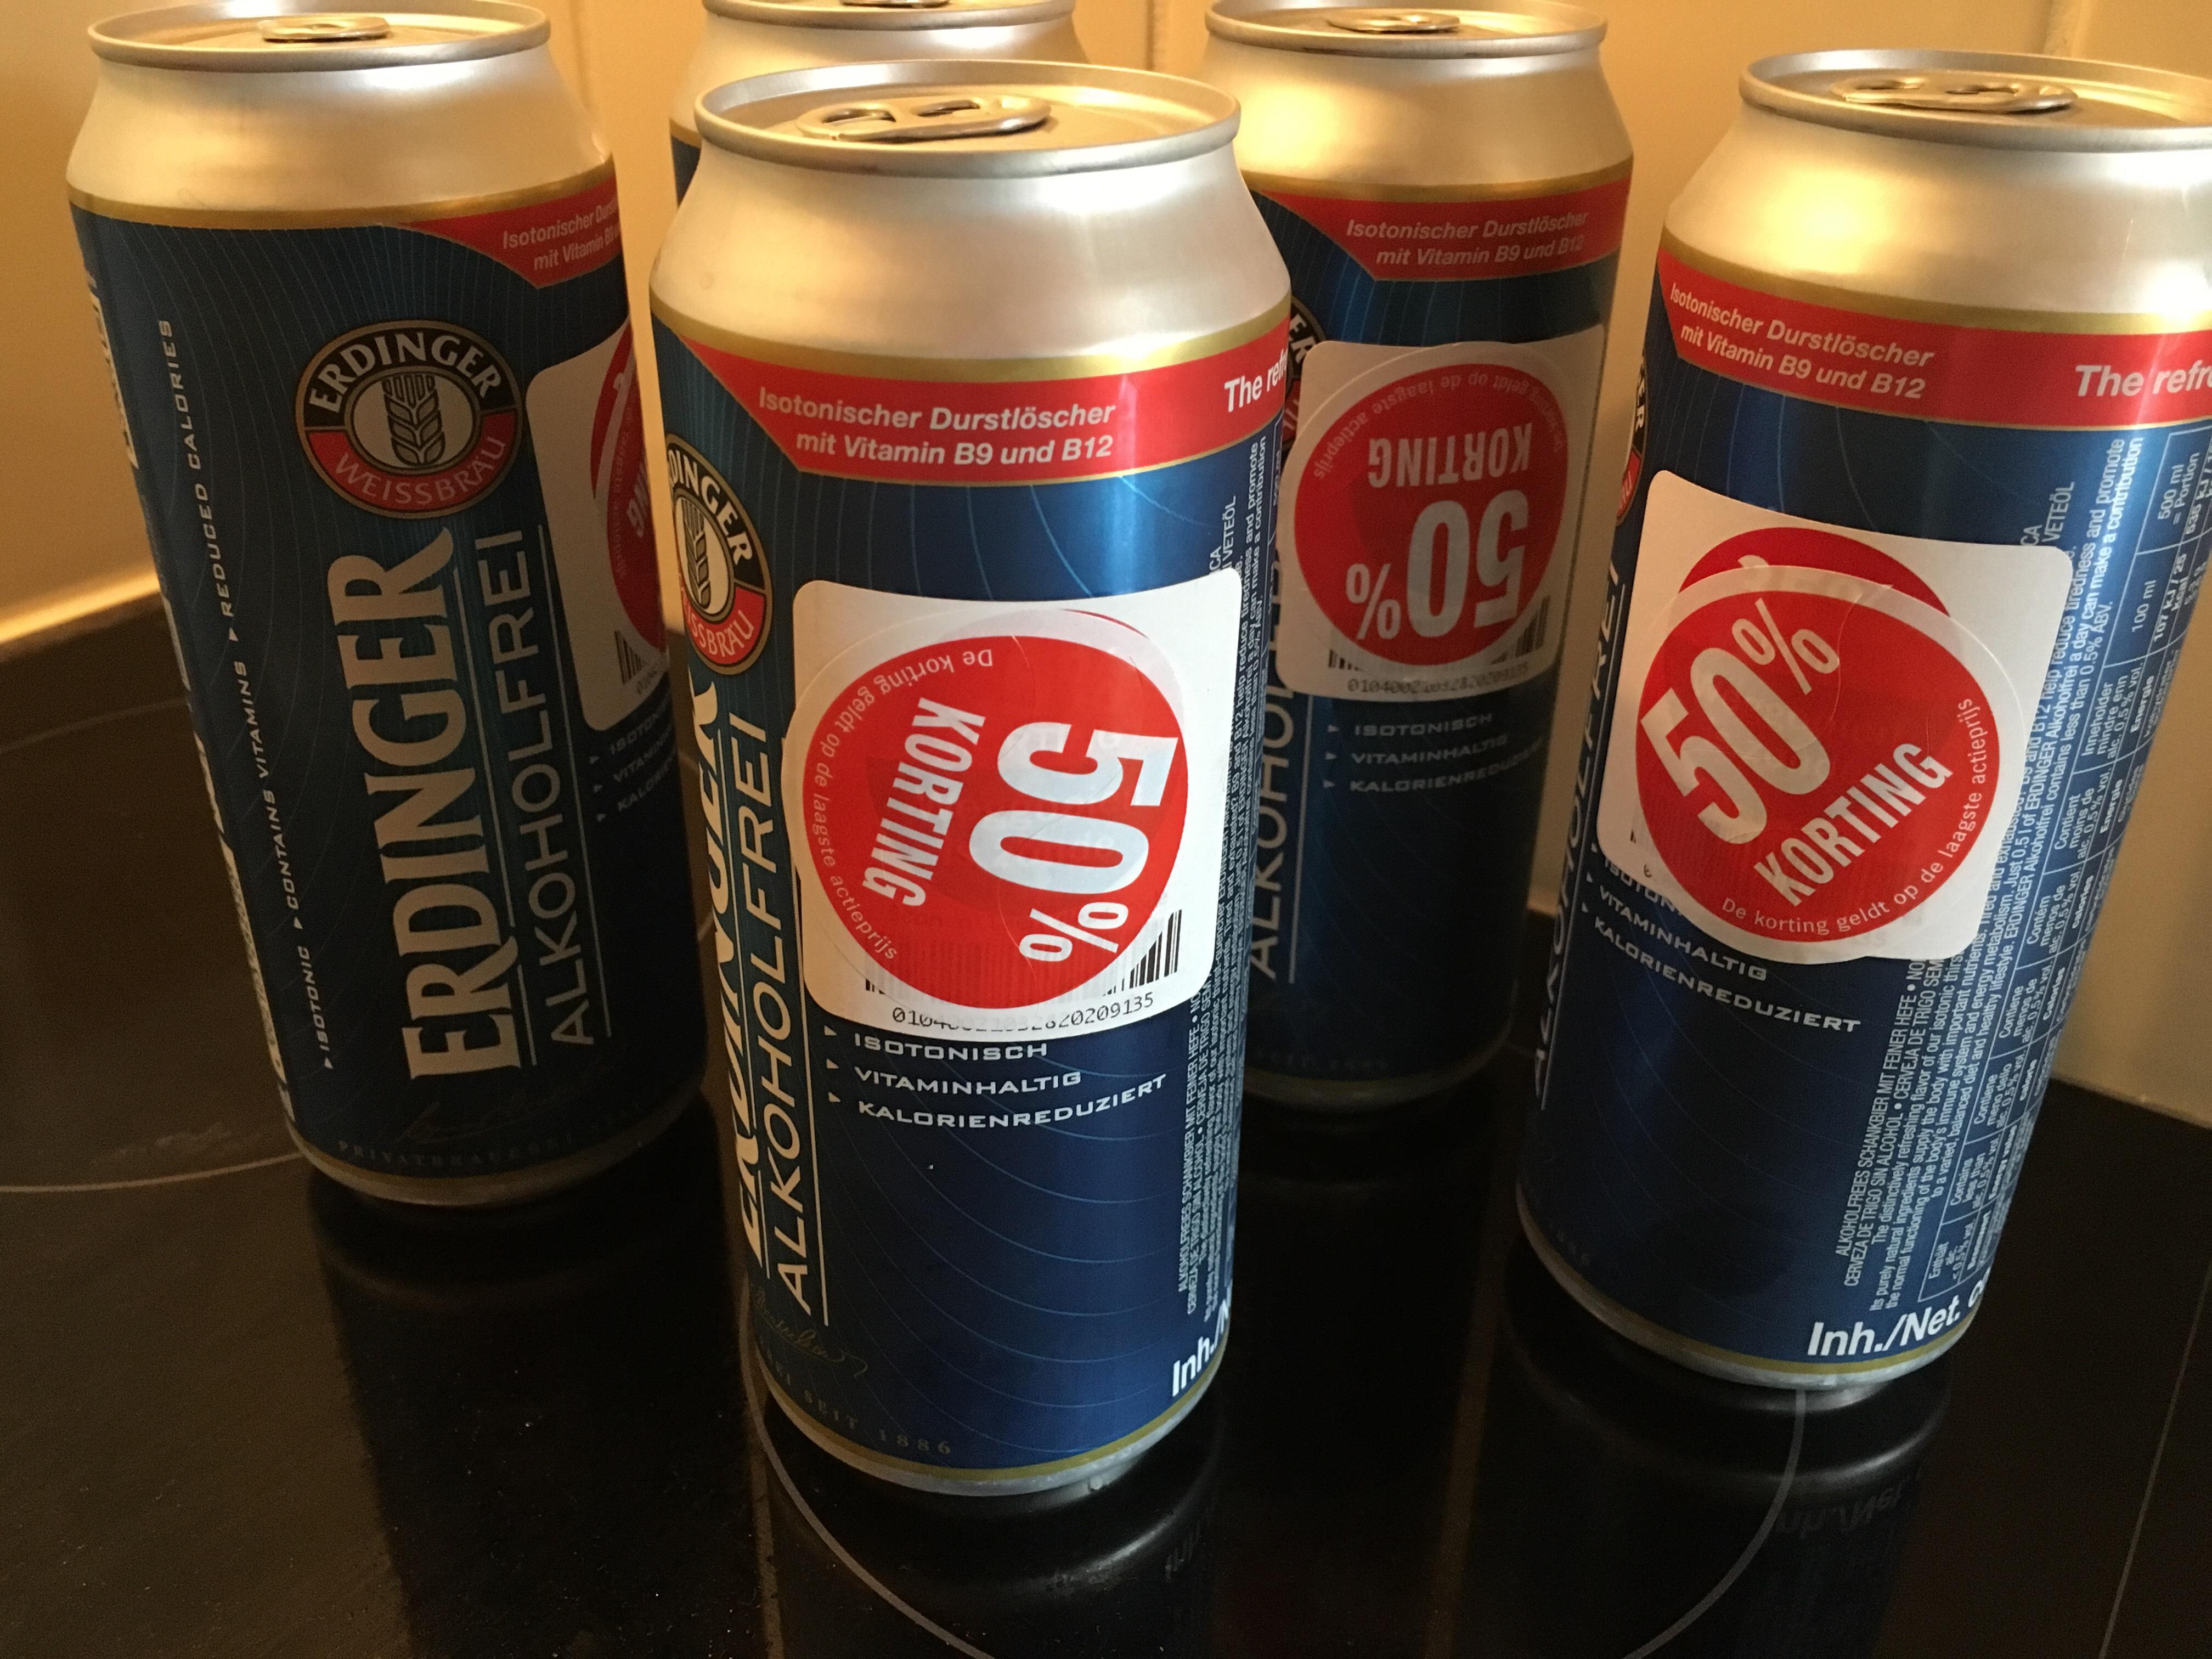 [Meppel] Erdinger Alcoholvrij bier